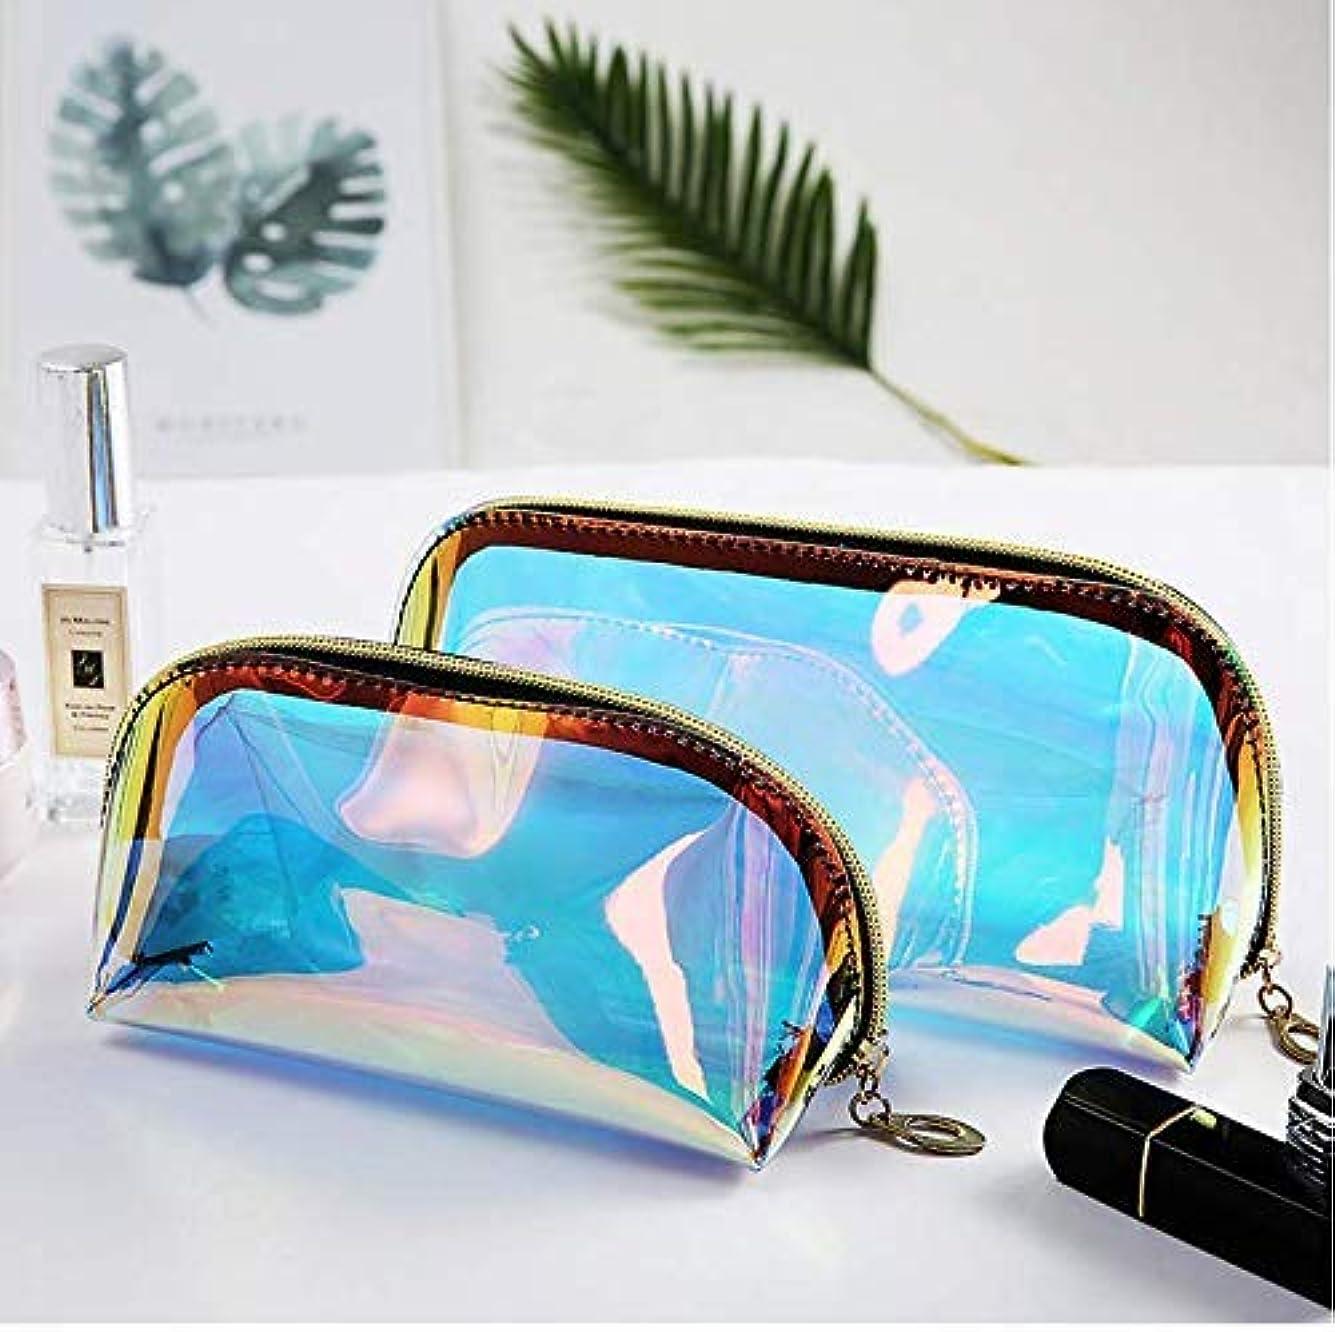 よろめく代数的スマッシュYiTongの2つのホログラフィックメイクアップバッグ虹色の化粧品ケースホログラムクラッチトイレタリーポーチハンディオーガナイザー透明な女性のイブニングバッグ(大小)